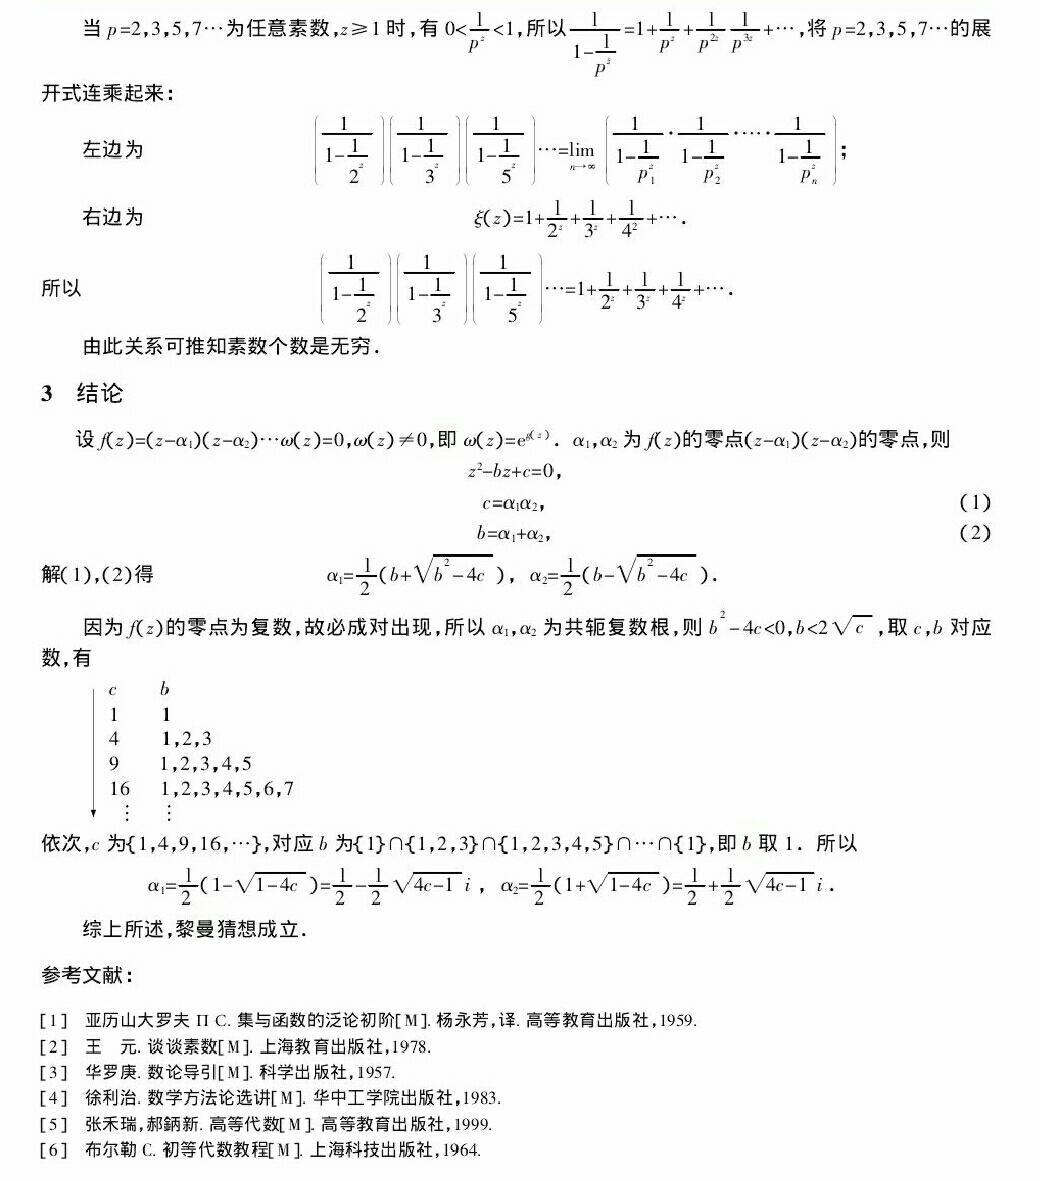 世界七大数学难题之--黎曼猜想的探究